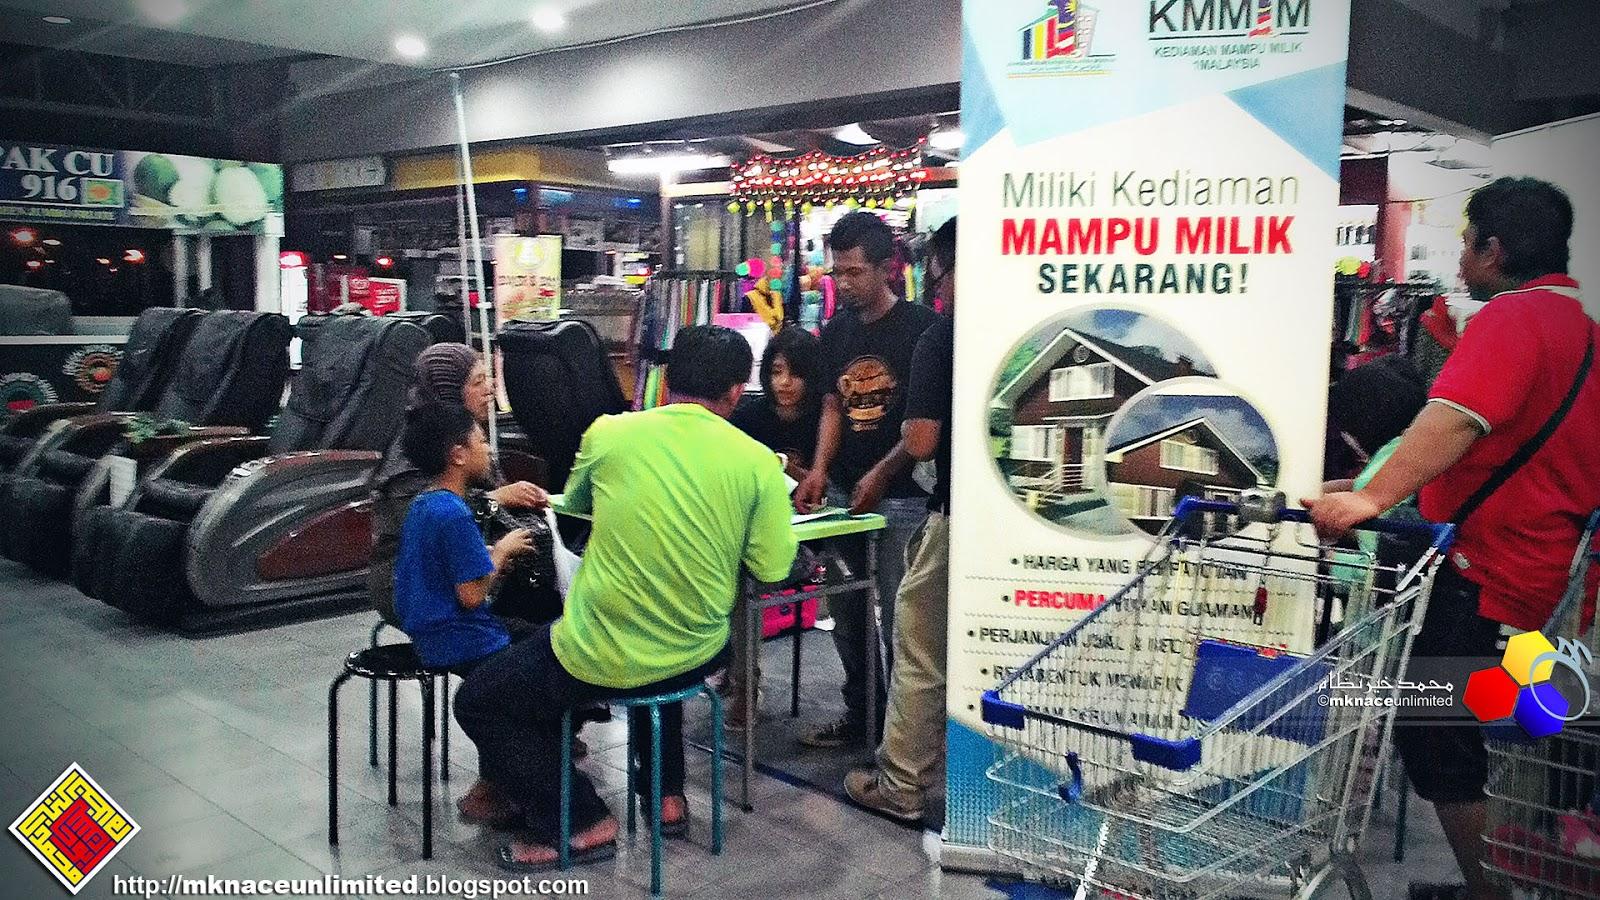 Pendaftaran Kediaman Mampu Milik 1 Malaysia Kmm1m Mydin Nusajaya Tcash Vaganza 32 Milo Activ Go Hmmm Sampai Kat Tadi Tengok Leh Tahan Booth Ni Dengan Pengunjung Ada Pameran Dan Untuk